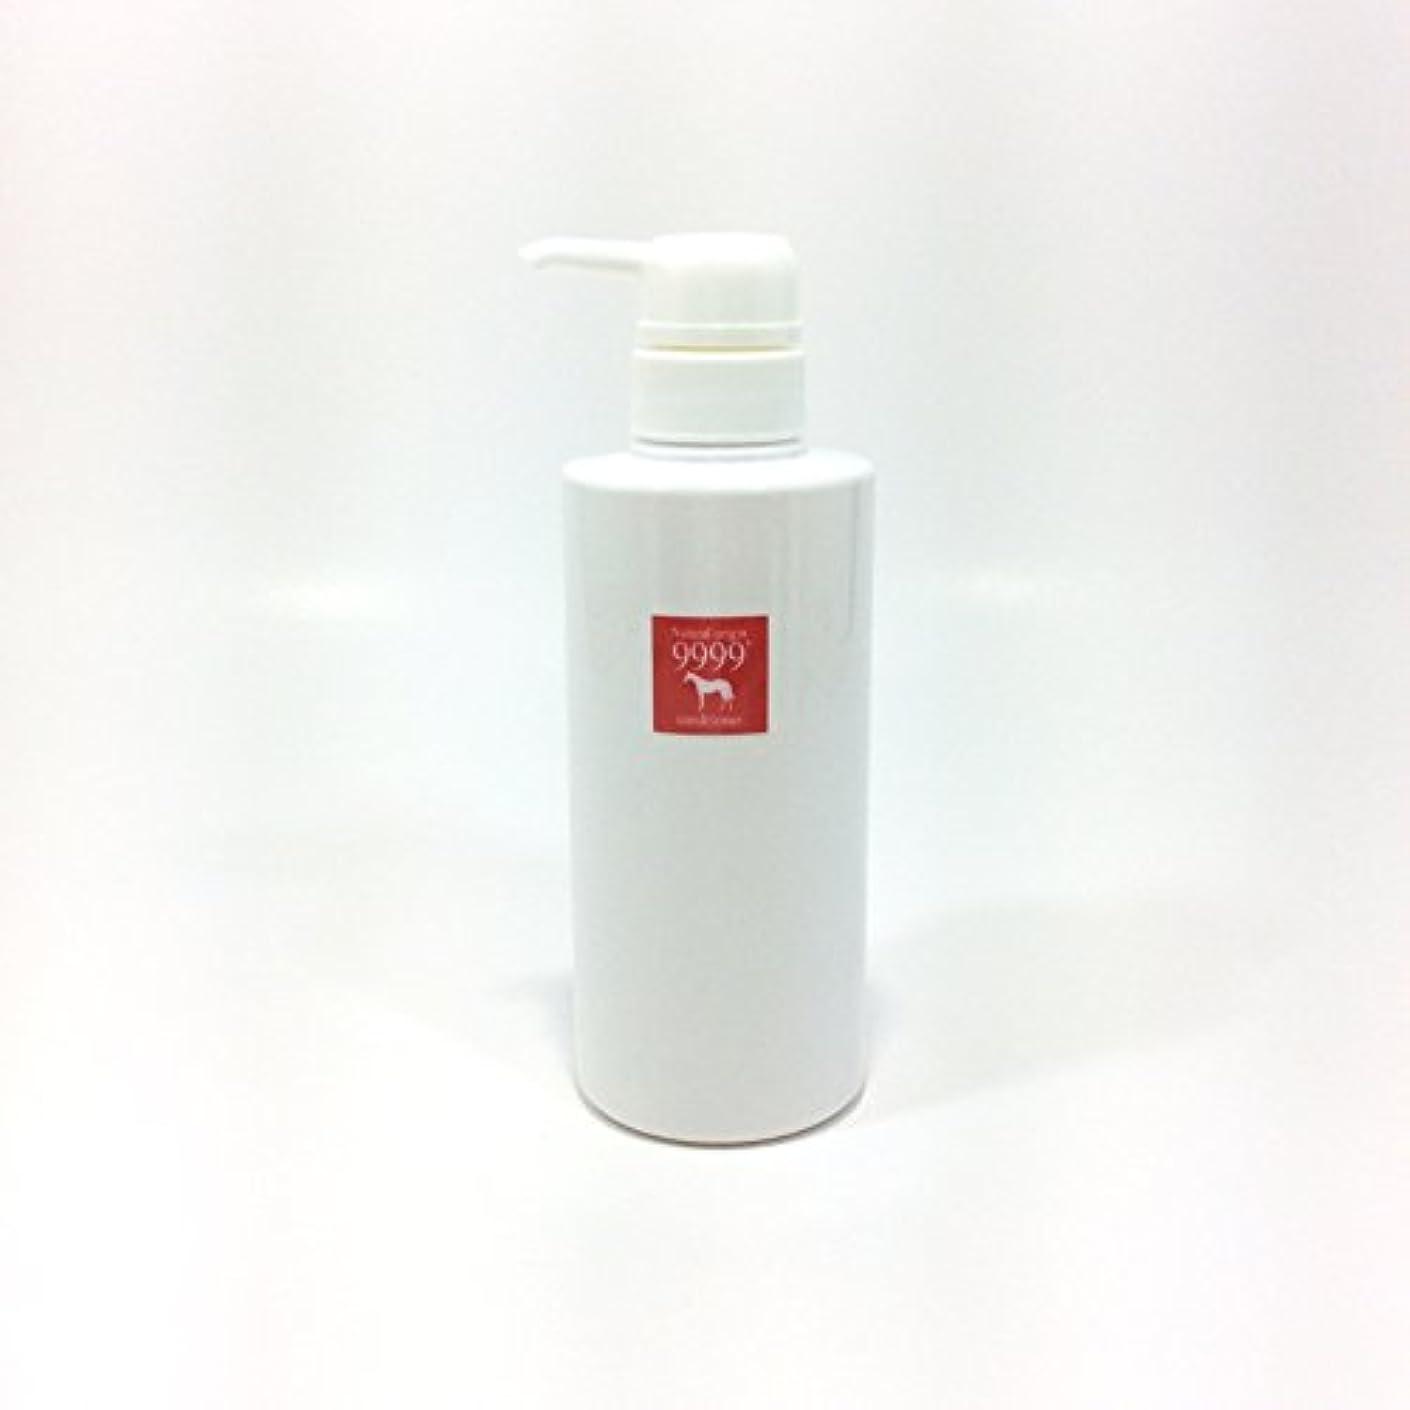 公然と湿気の多いクリーム天然純馬油9999コンディショナー (赤)